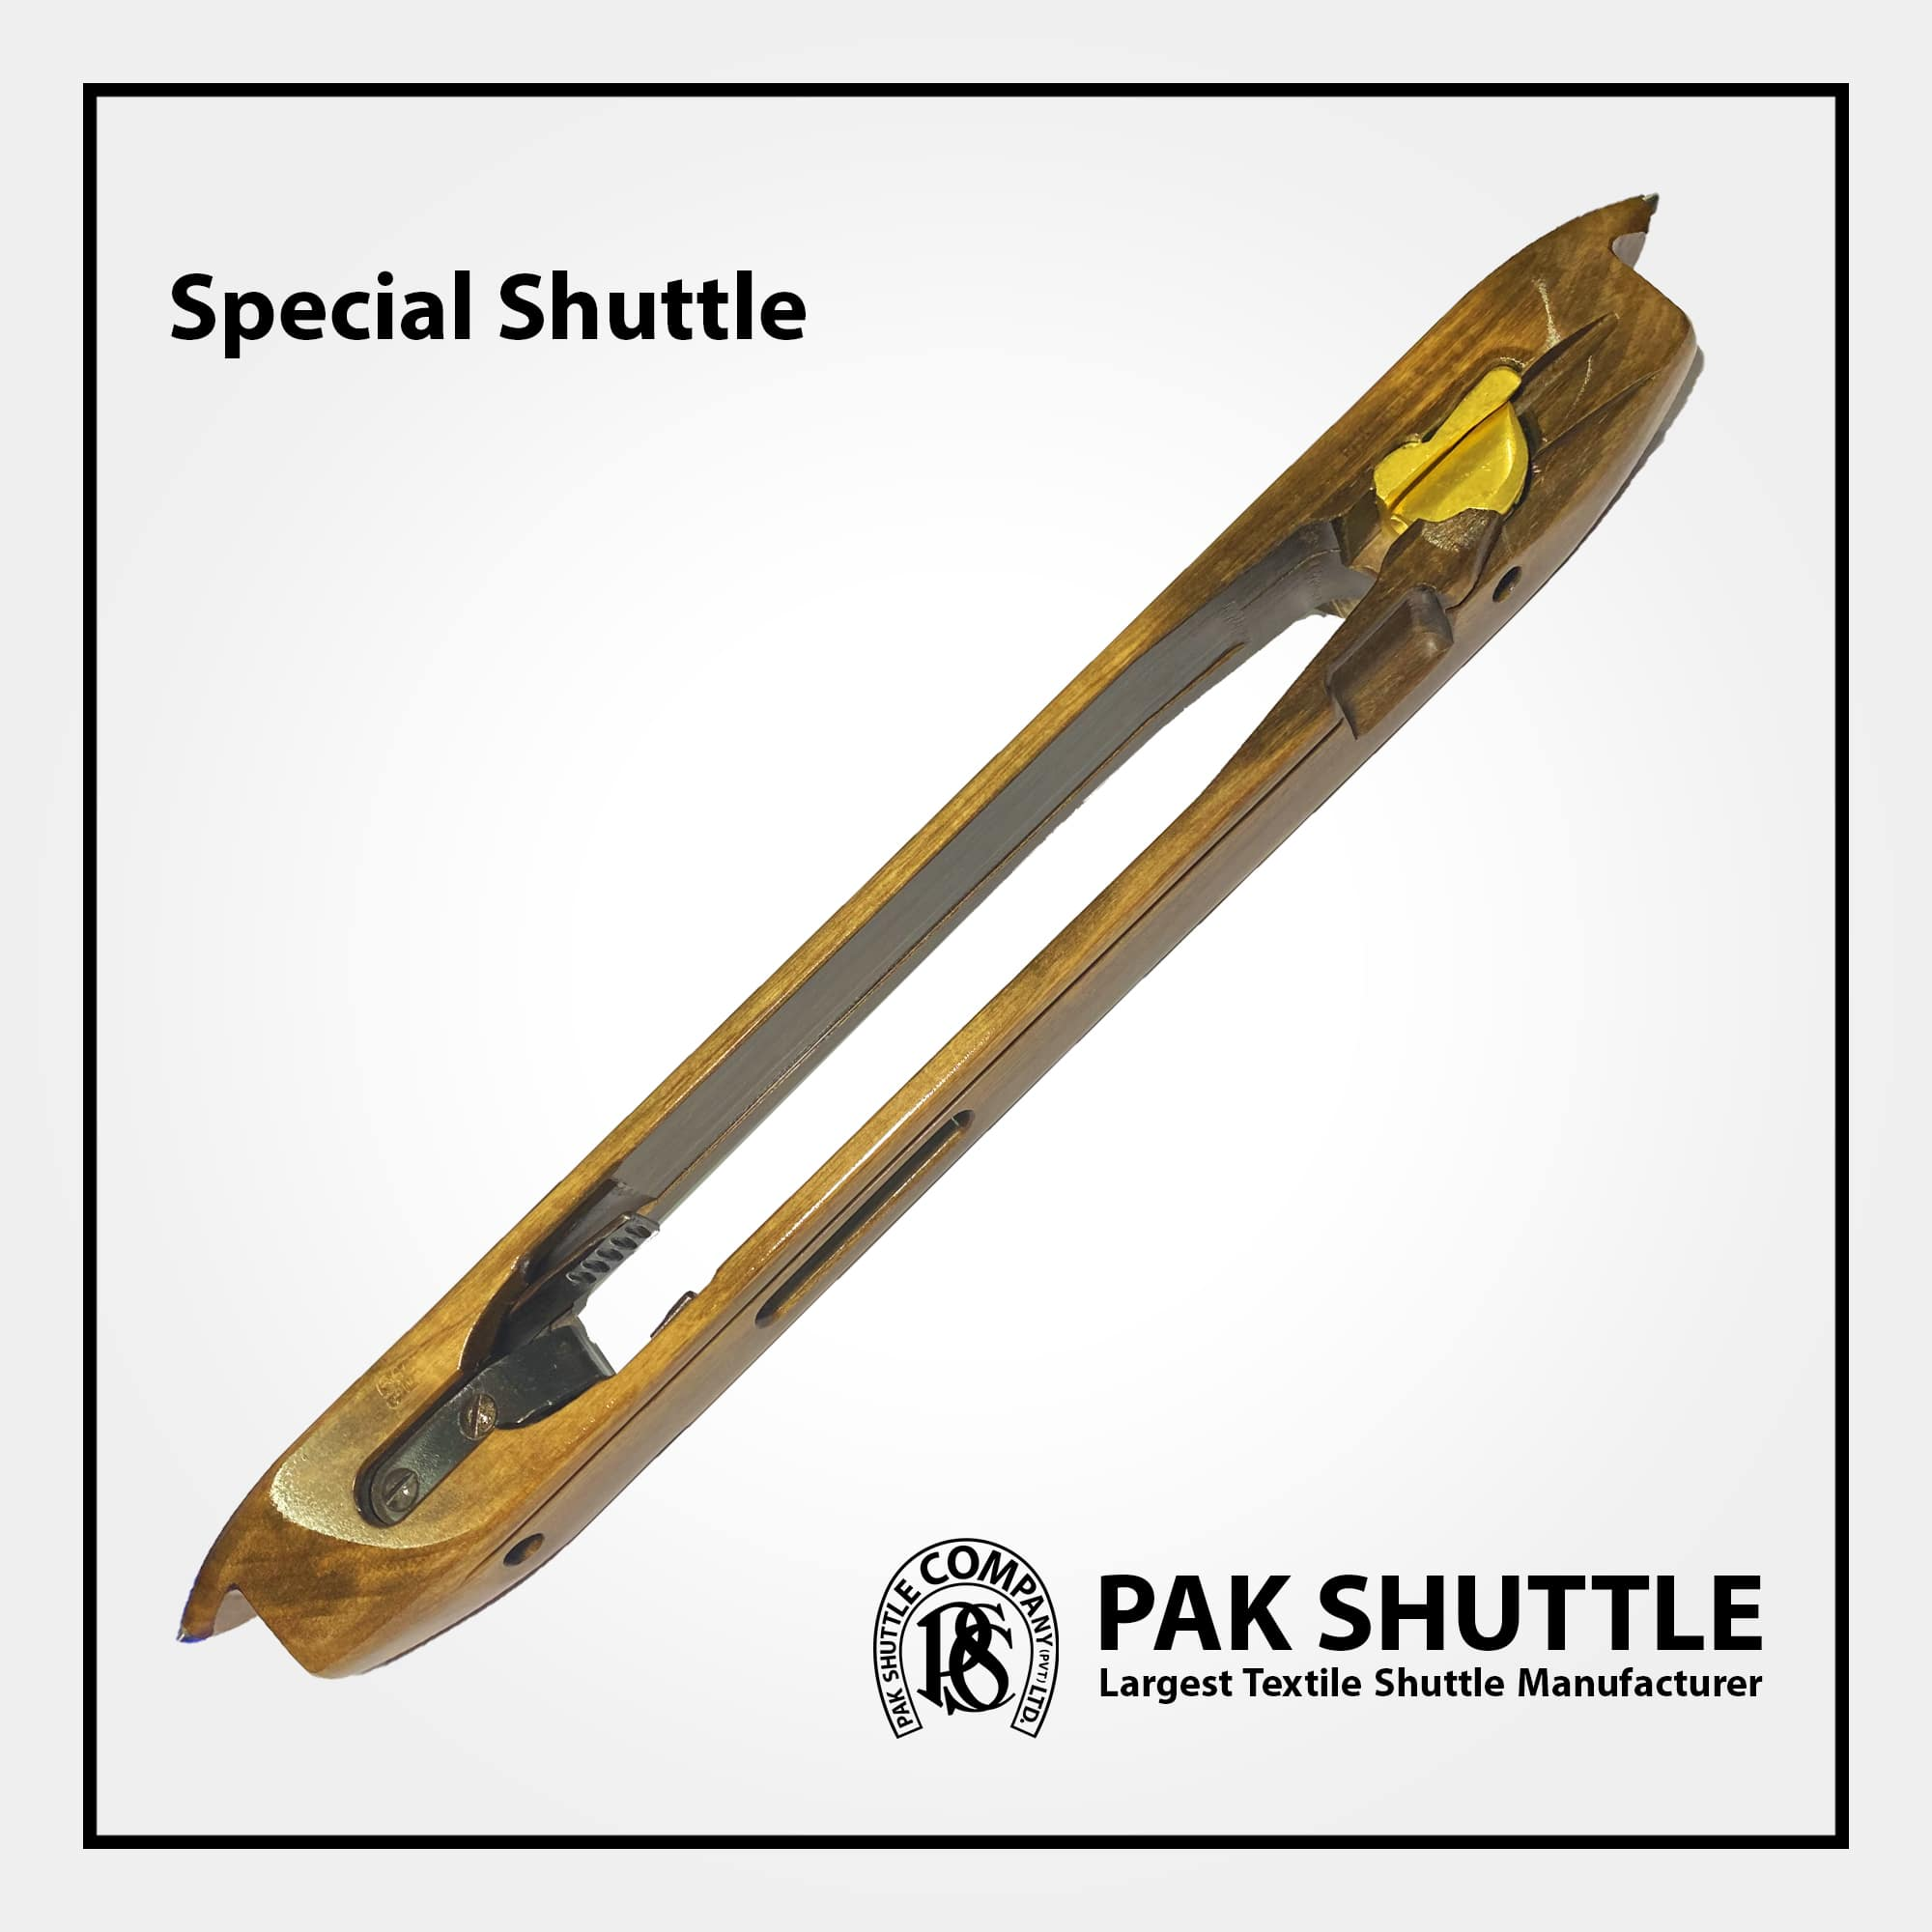 Special Shuttle by Pak Shuttle Company Pvt Ltd.